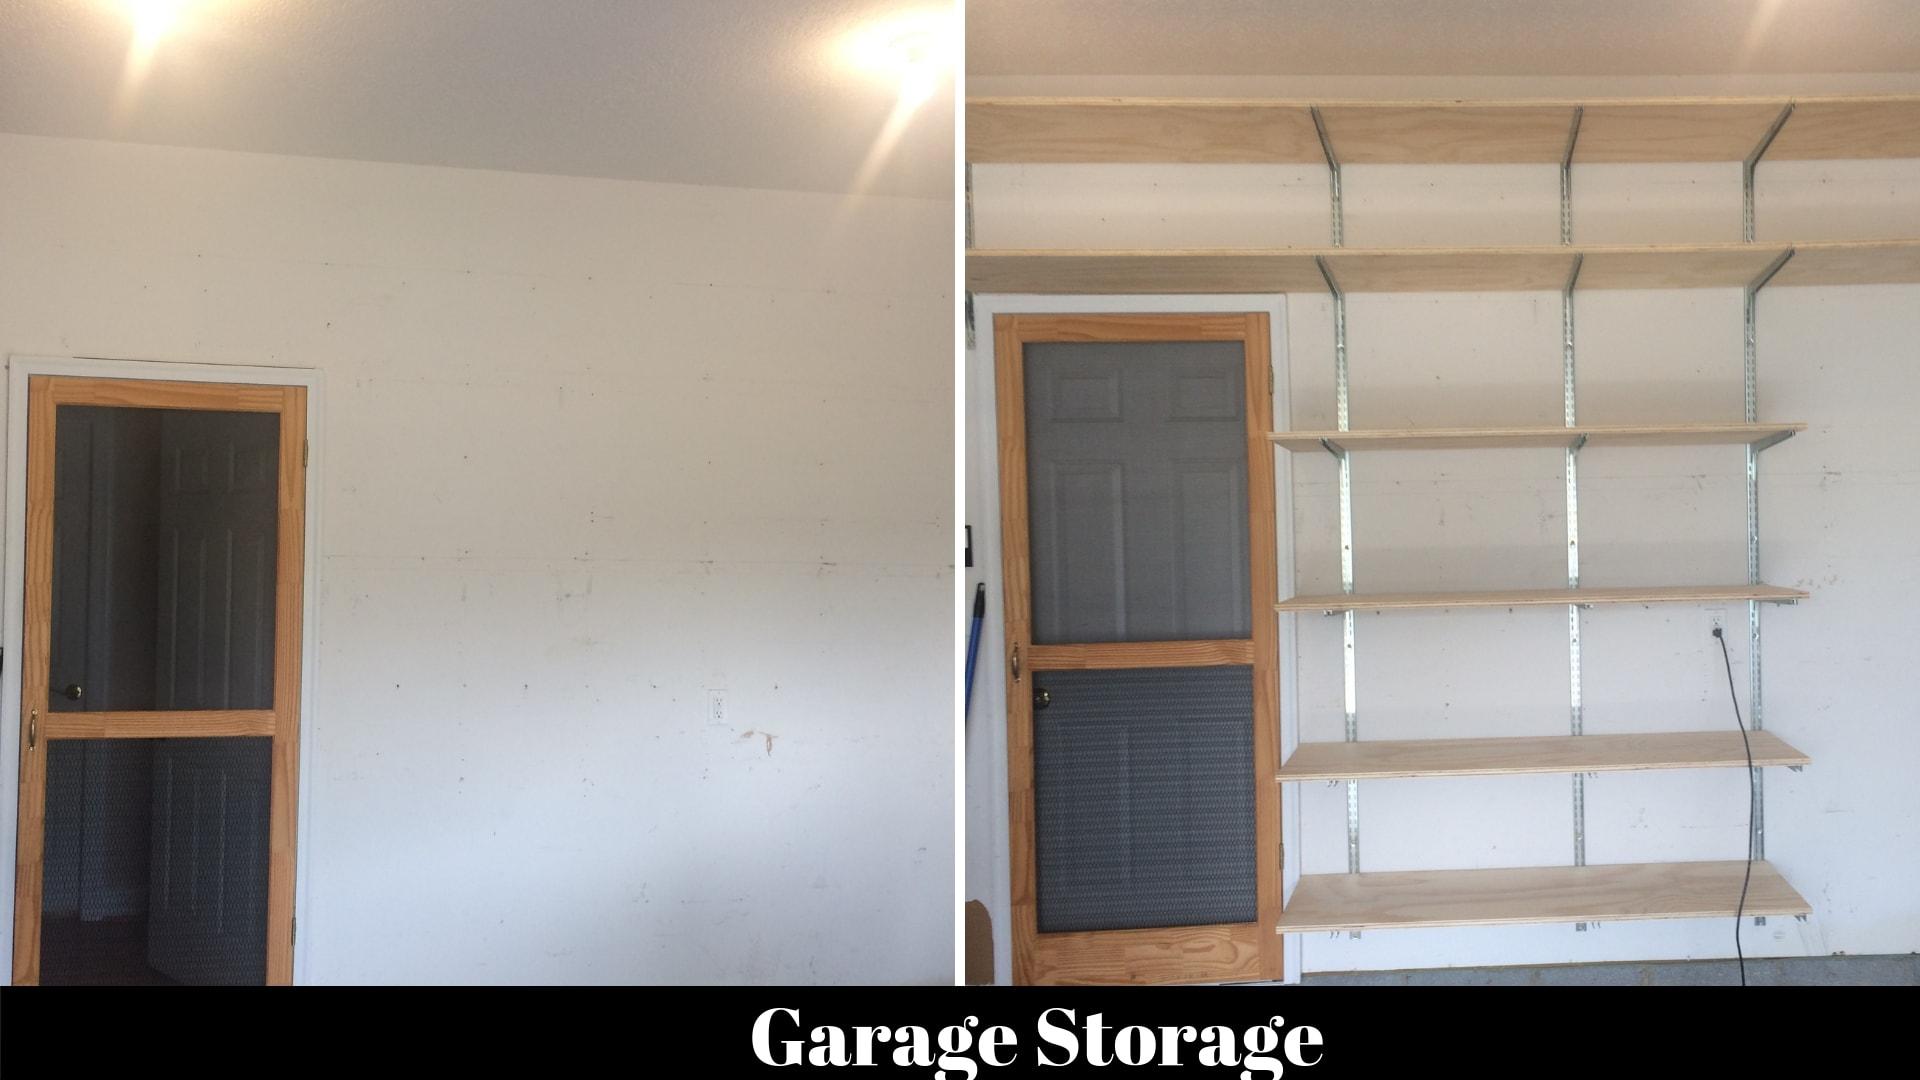 Garage Storage-min.jpg